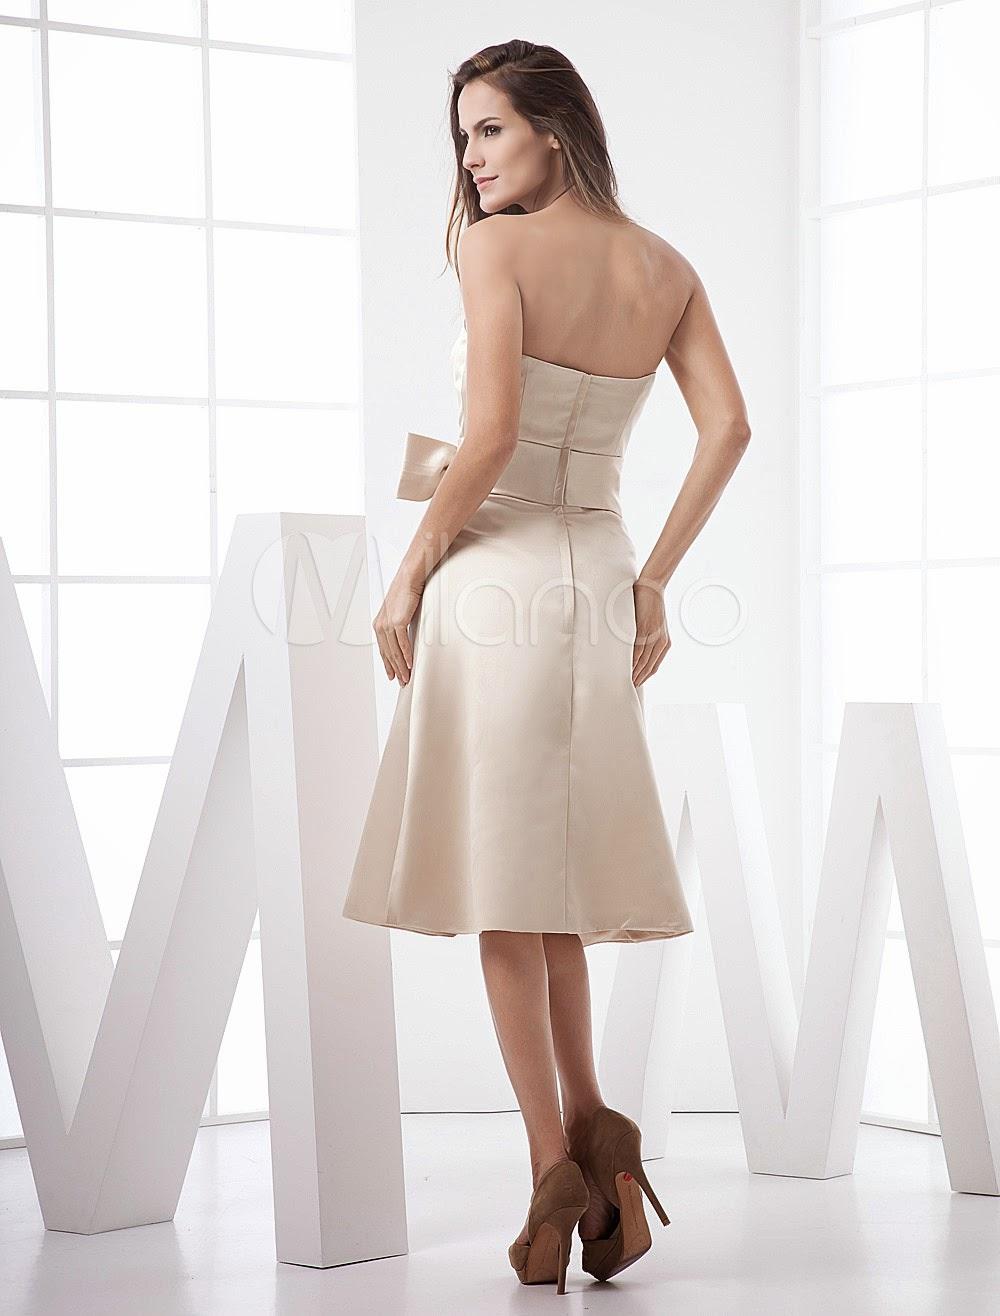 Robe soutenue demoiselle d'honneur A-ligne en satin champagne avec noeud